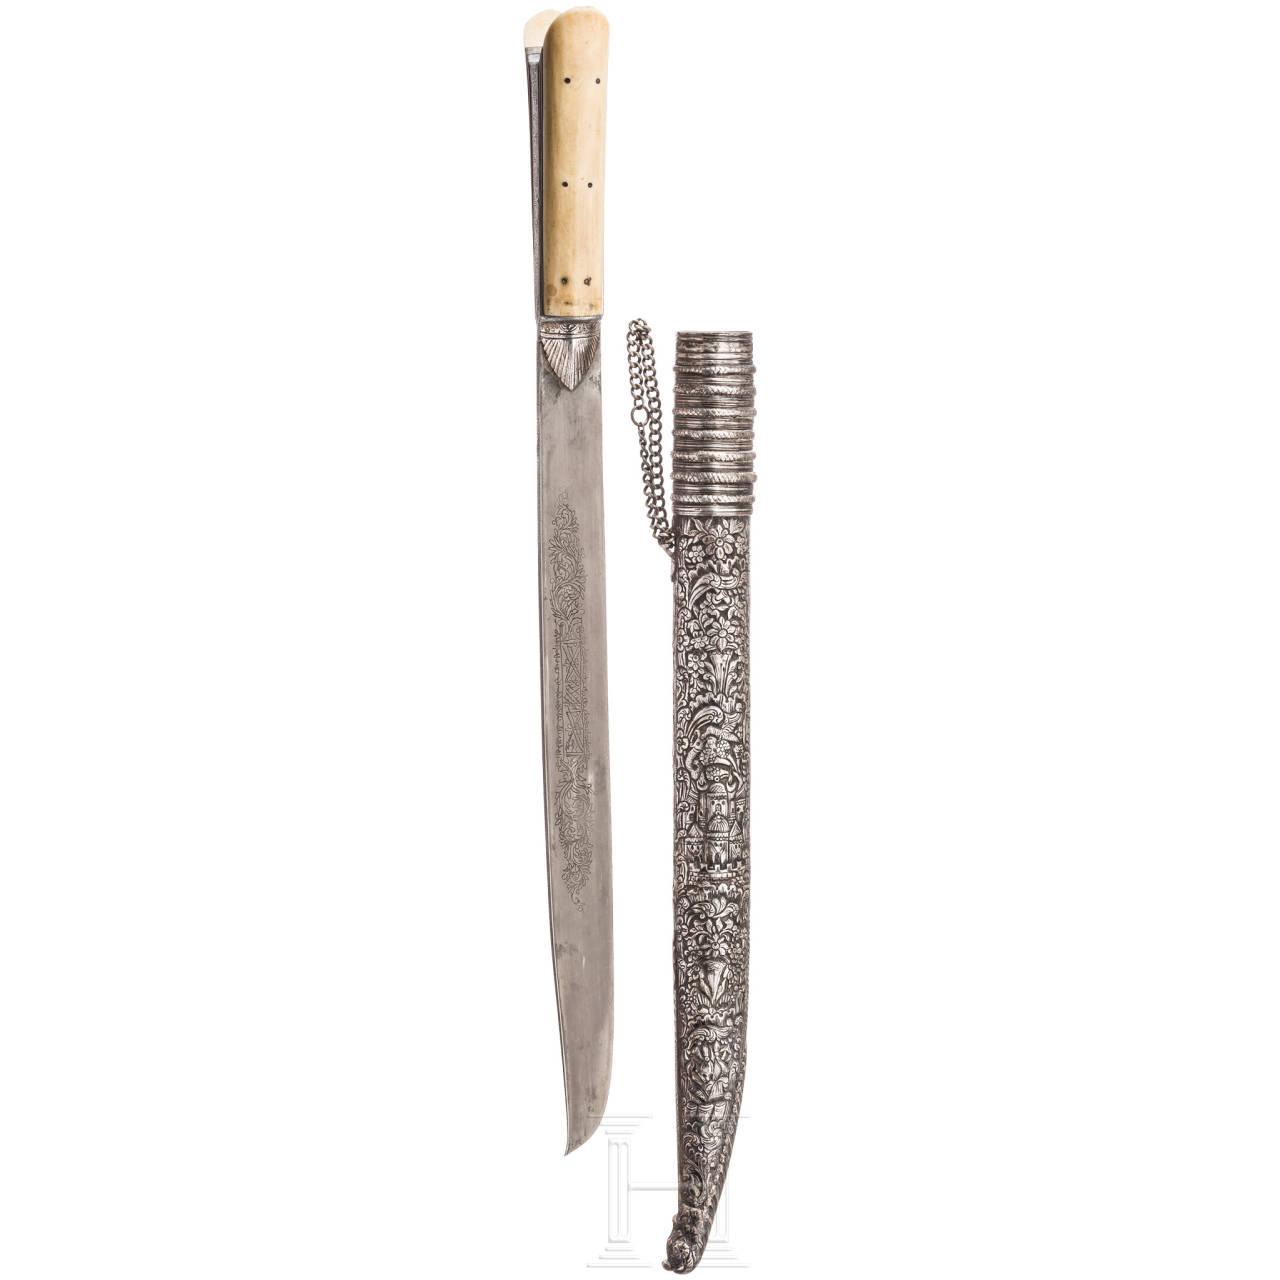 Silbermontiertes Kreta-Messer mit Elfenbeingriff, um 1800